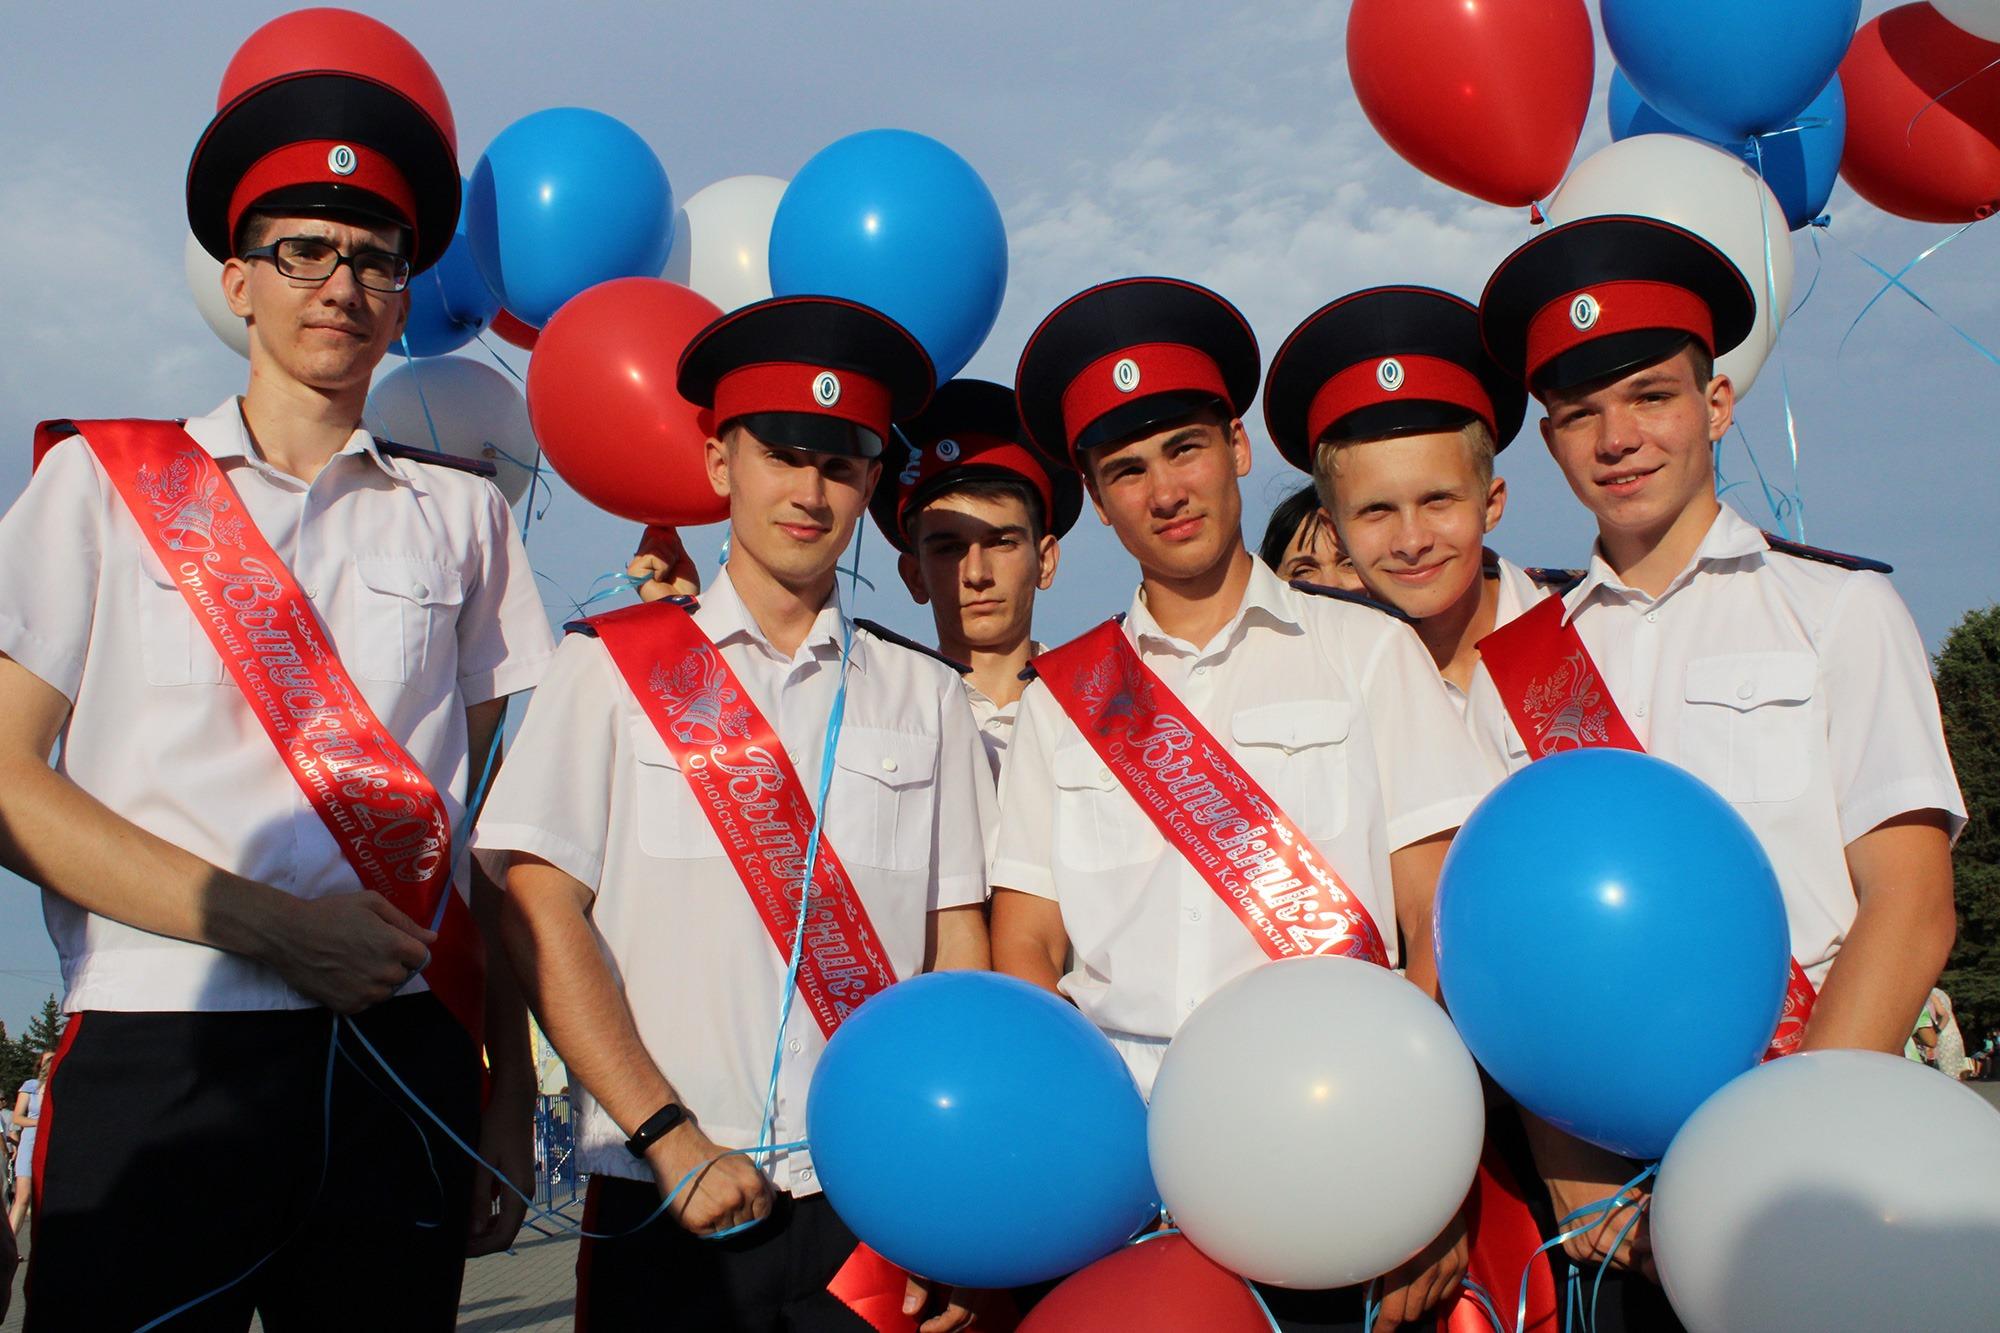 Воспитанникам Орловского казачьего кадетского корпуса торжественно вручили аттестаты